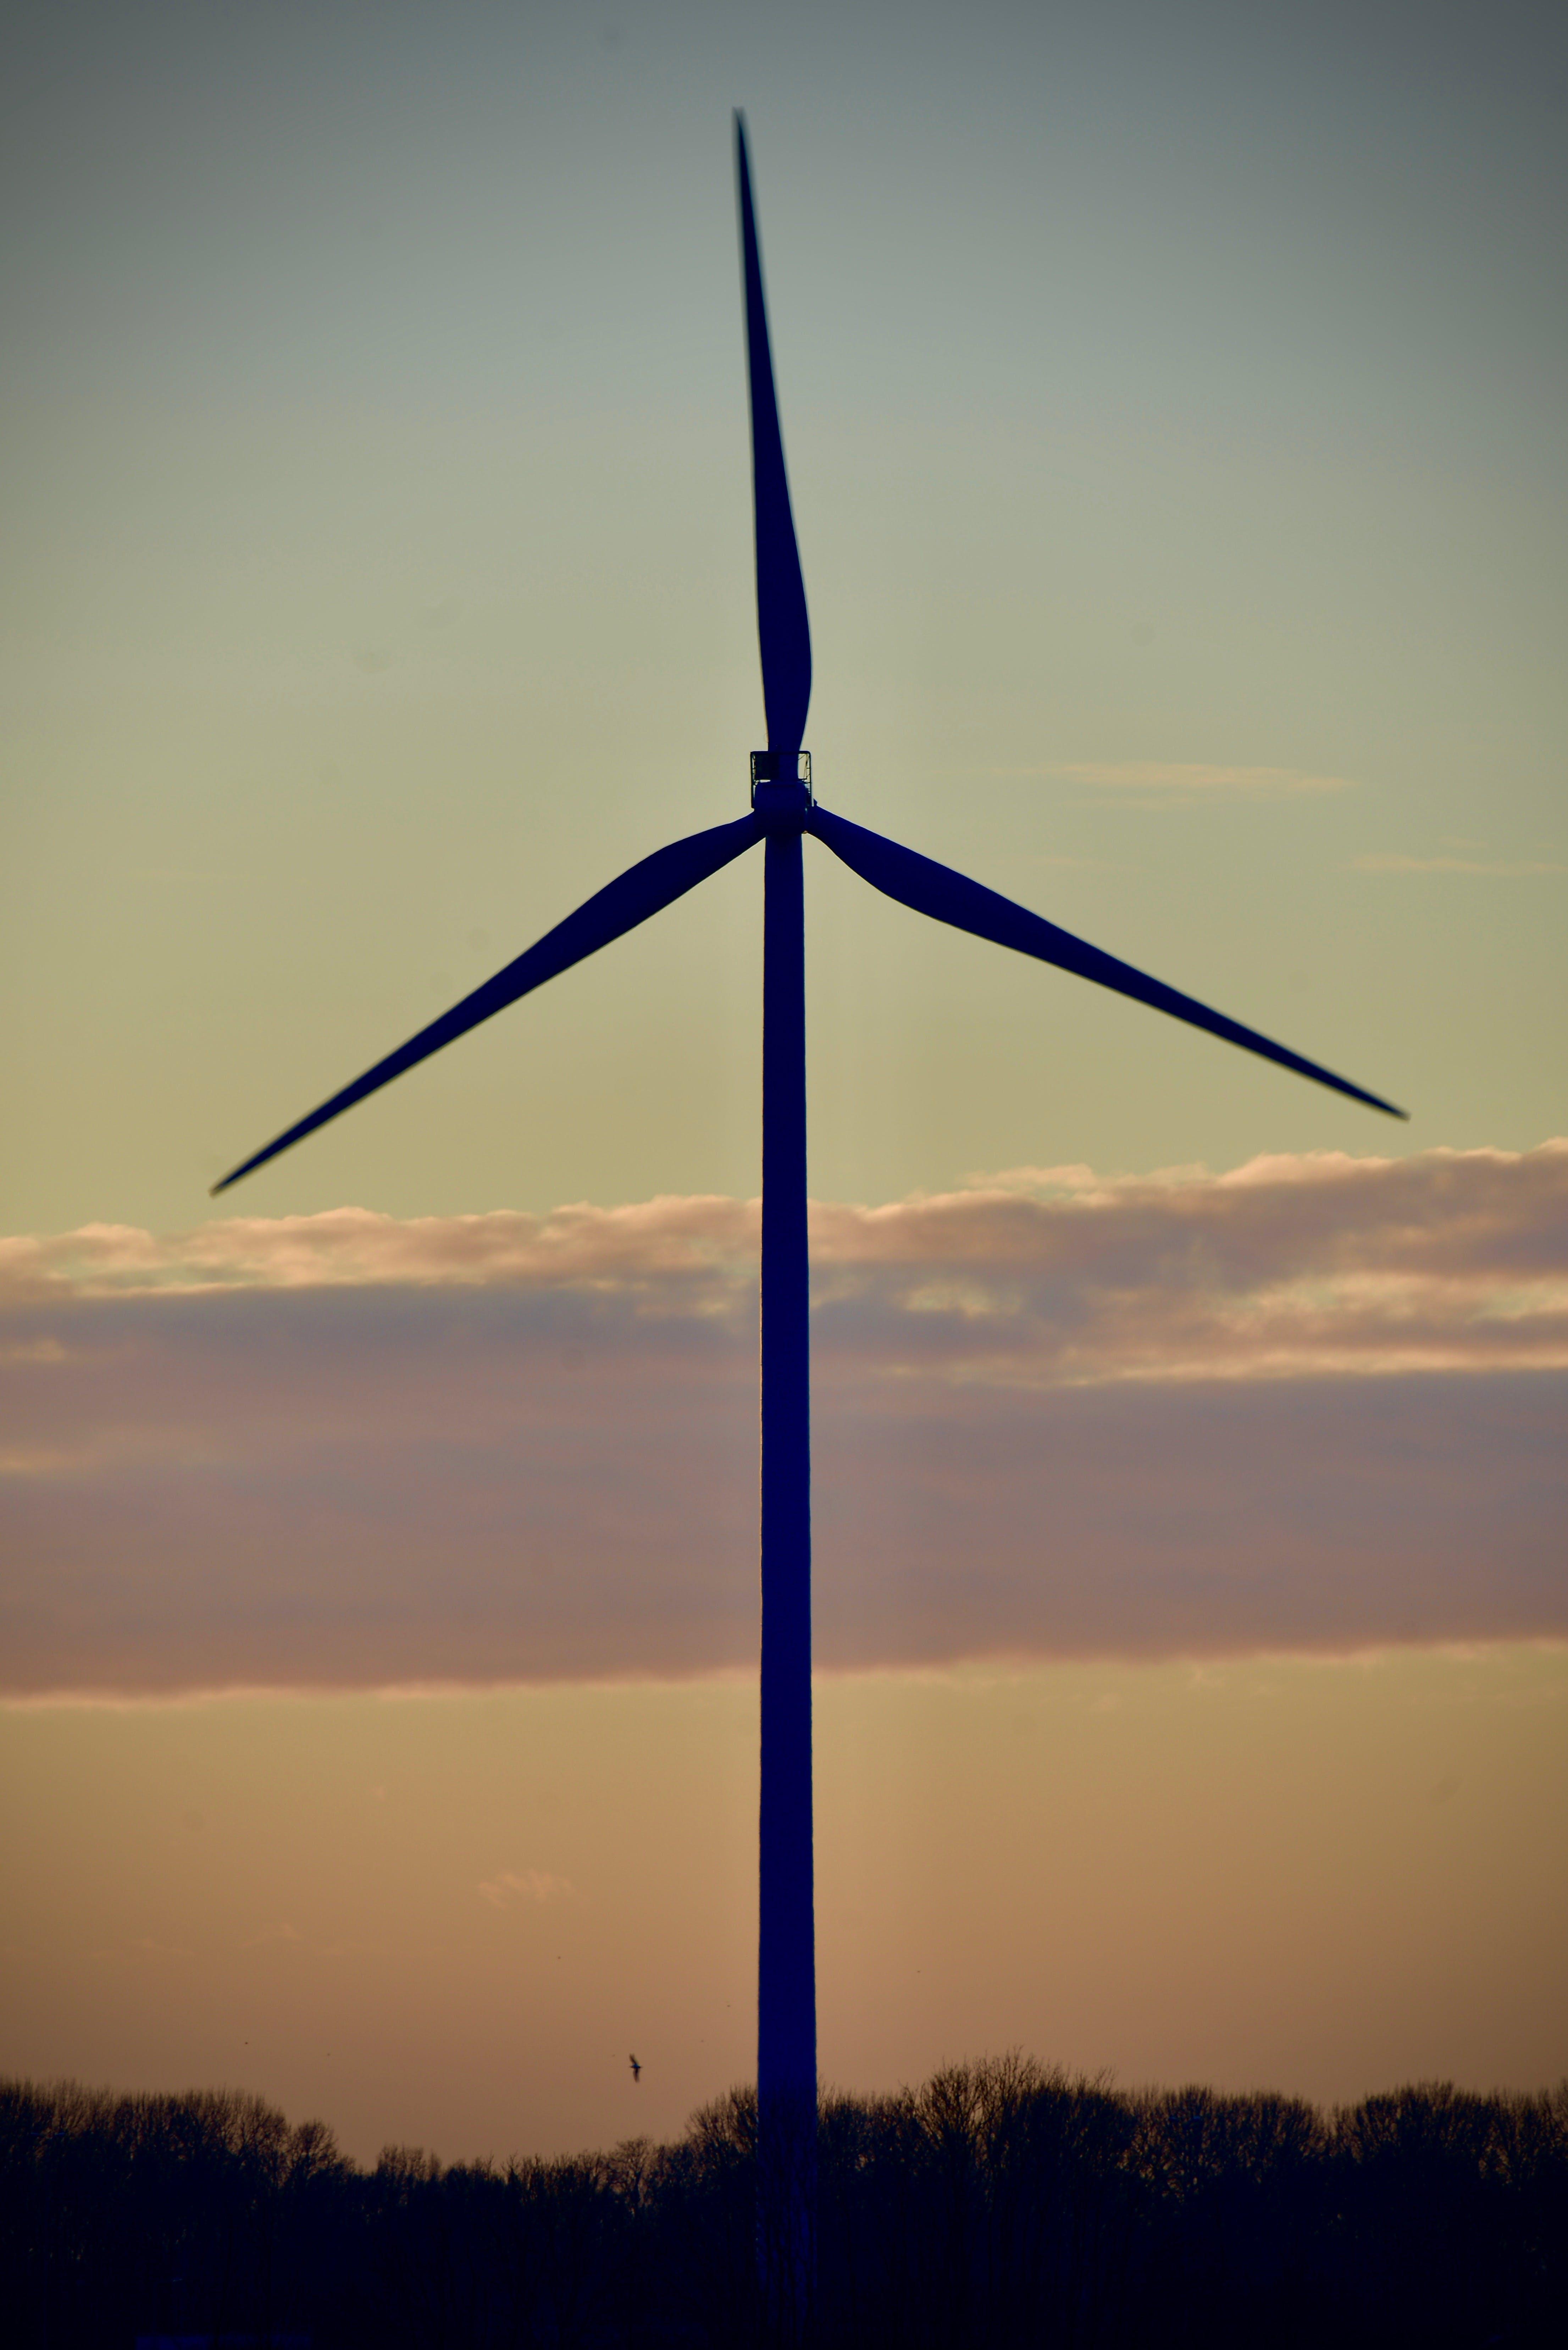 Безкоштовне стокове фото на тему «відновлювана енергія, вітрова енергія, Вітряк»